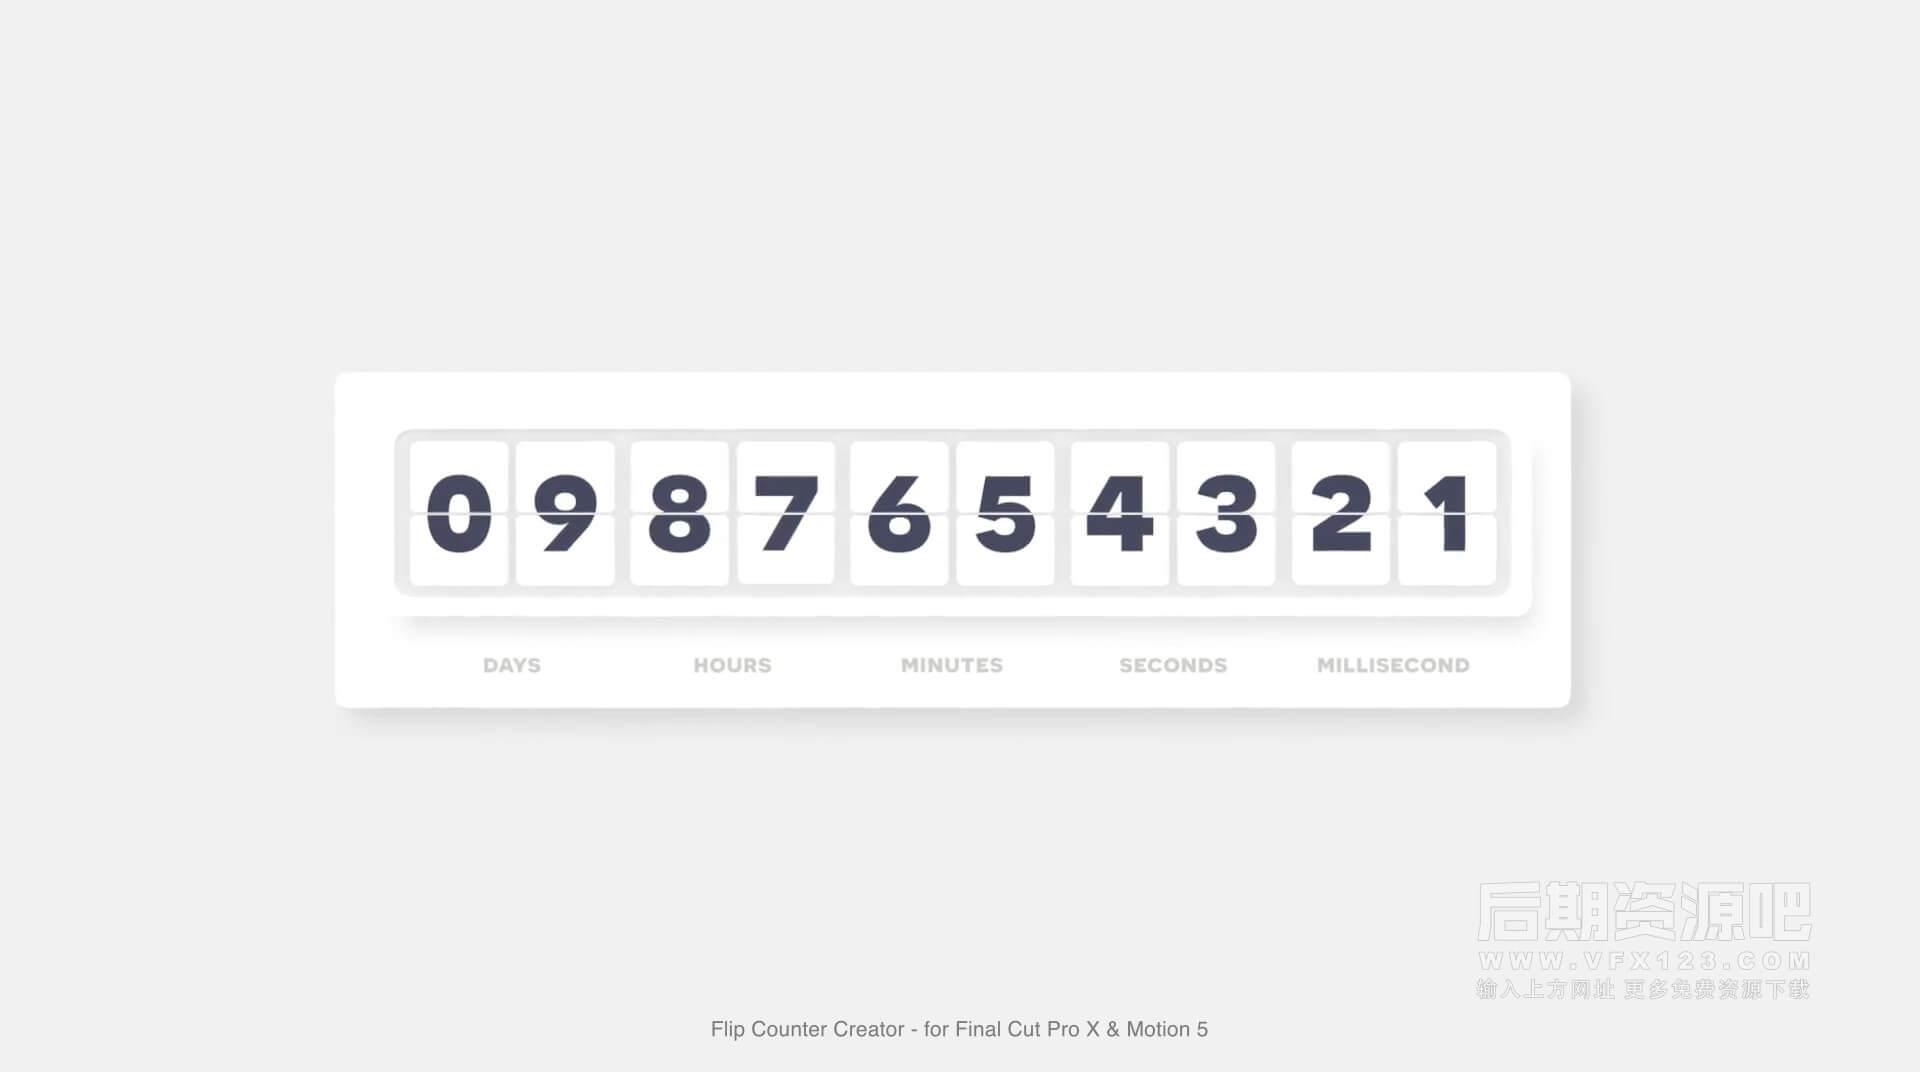 Fcpx插件 数字滚动翻页计数器倒计时统计效果工具 Flip Counter Creator